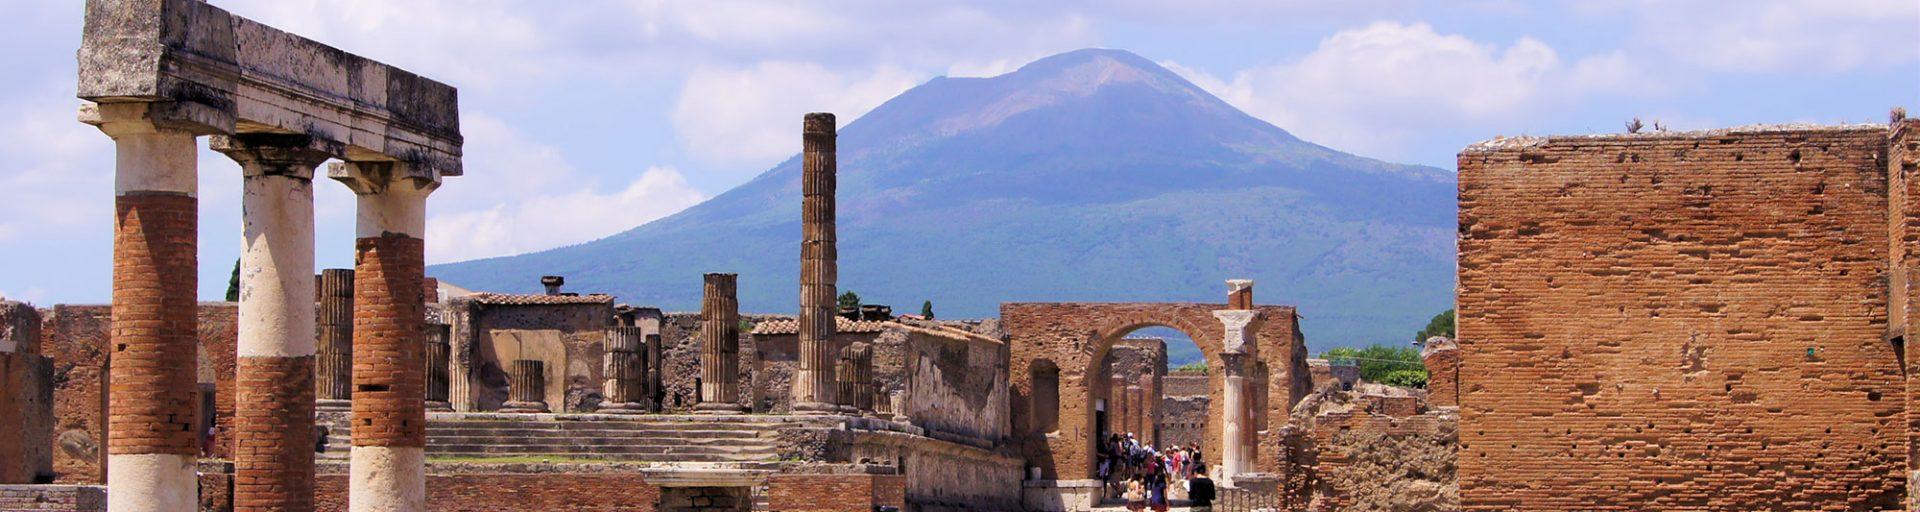 Scavi archeologici di Pompei: vicinissimi all'Hotel del Sole